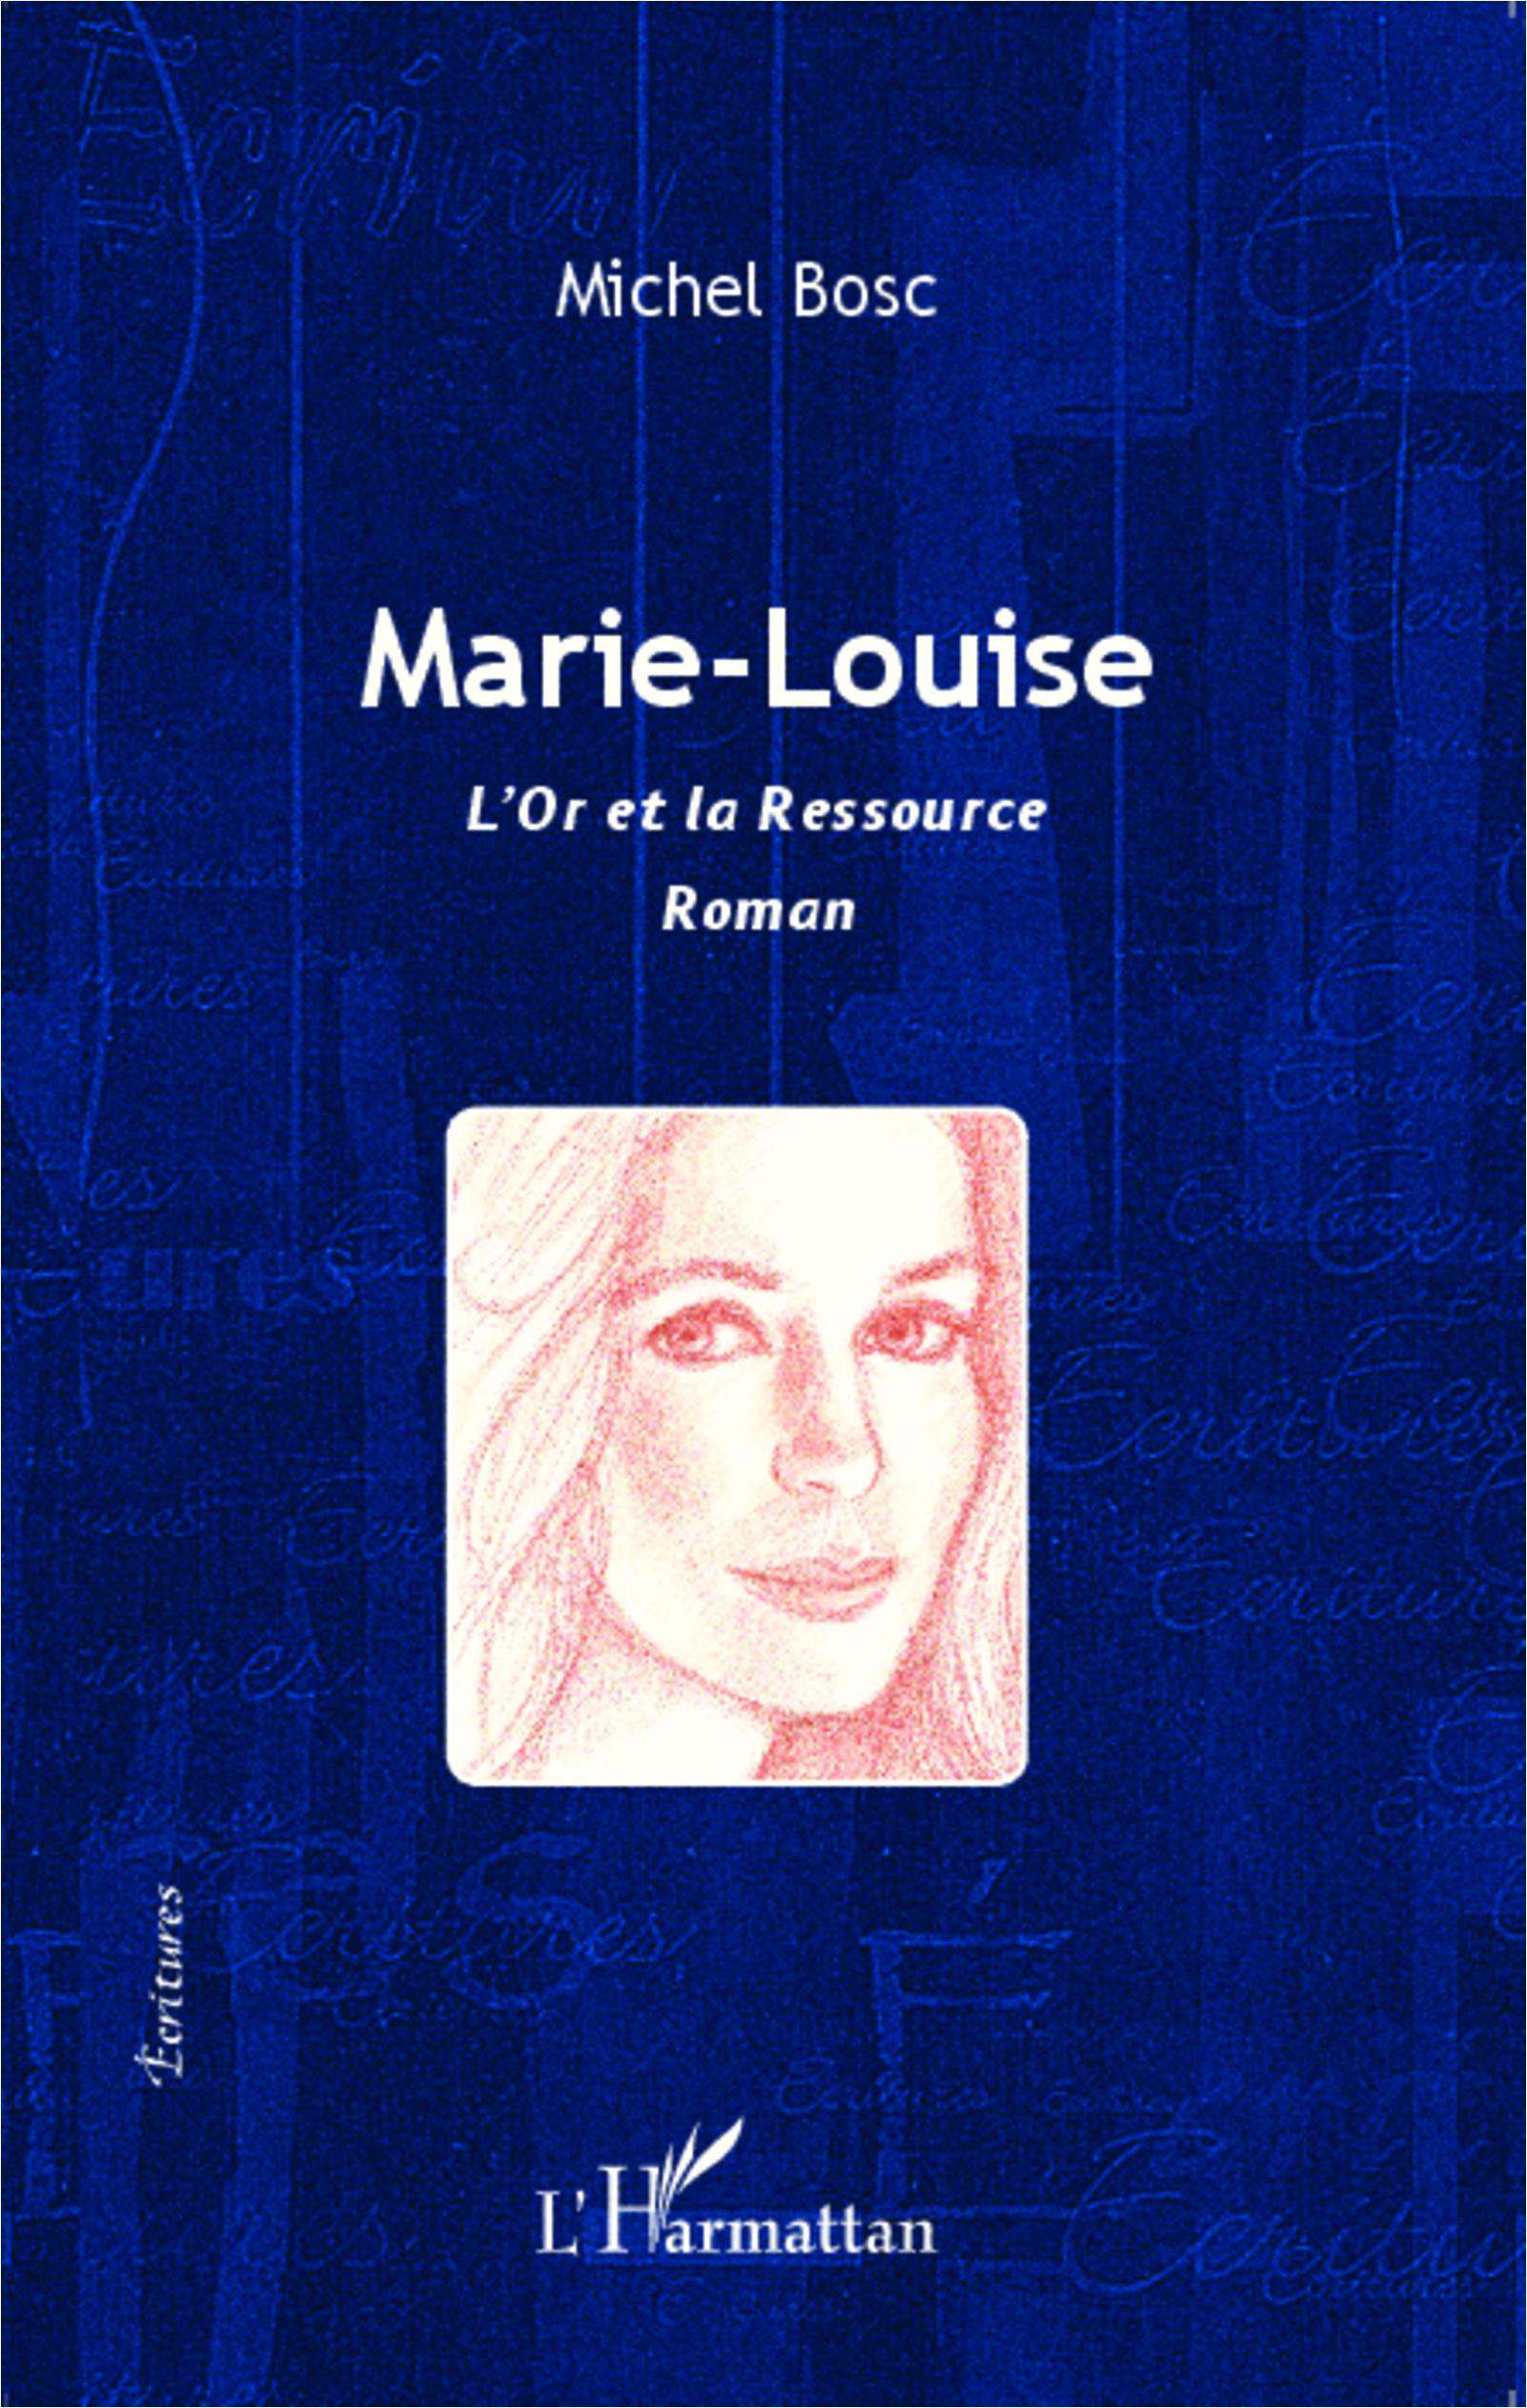 MARIE LOUISE L'OR ET LA RESSOURCE  ROMAN